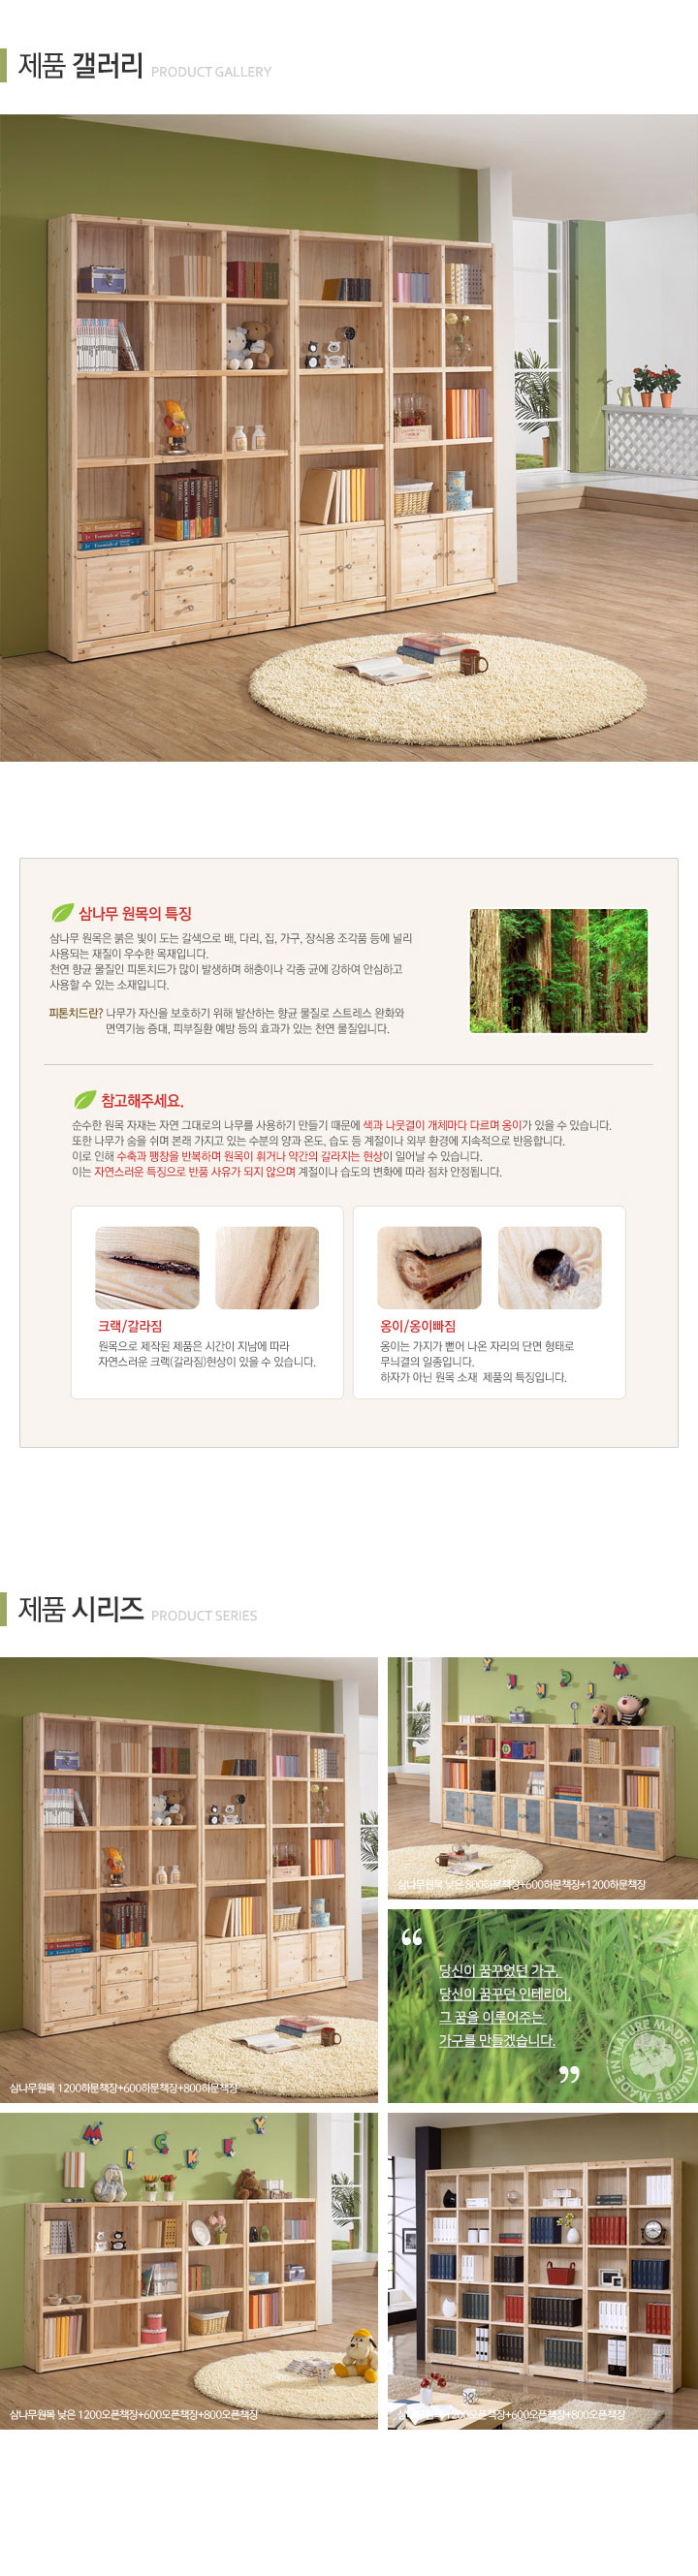 타즈로 삼나무 원목 800 하문 책장 - 인우드, 239,920원, 책장/서재수납, 책장